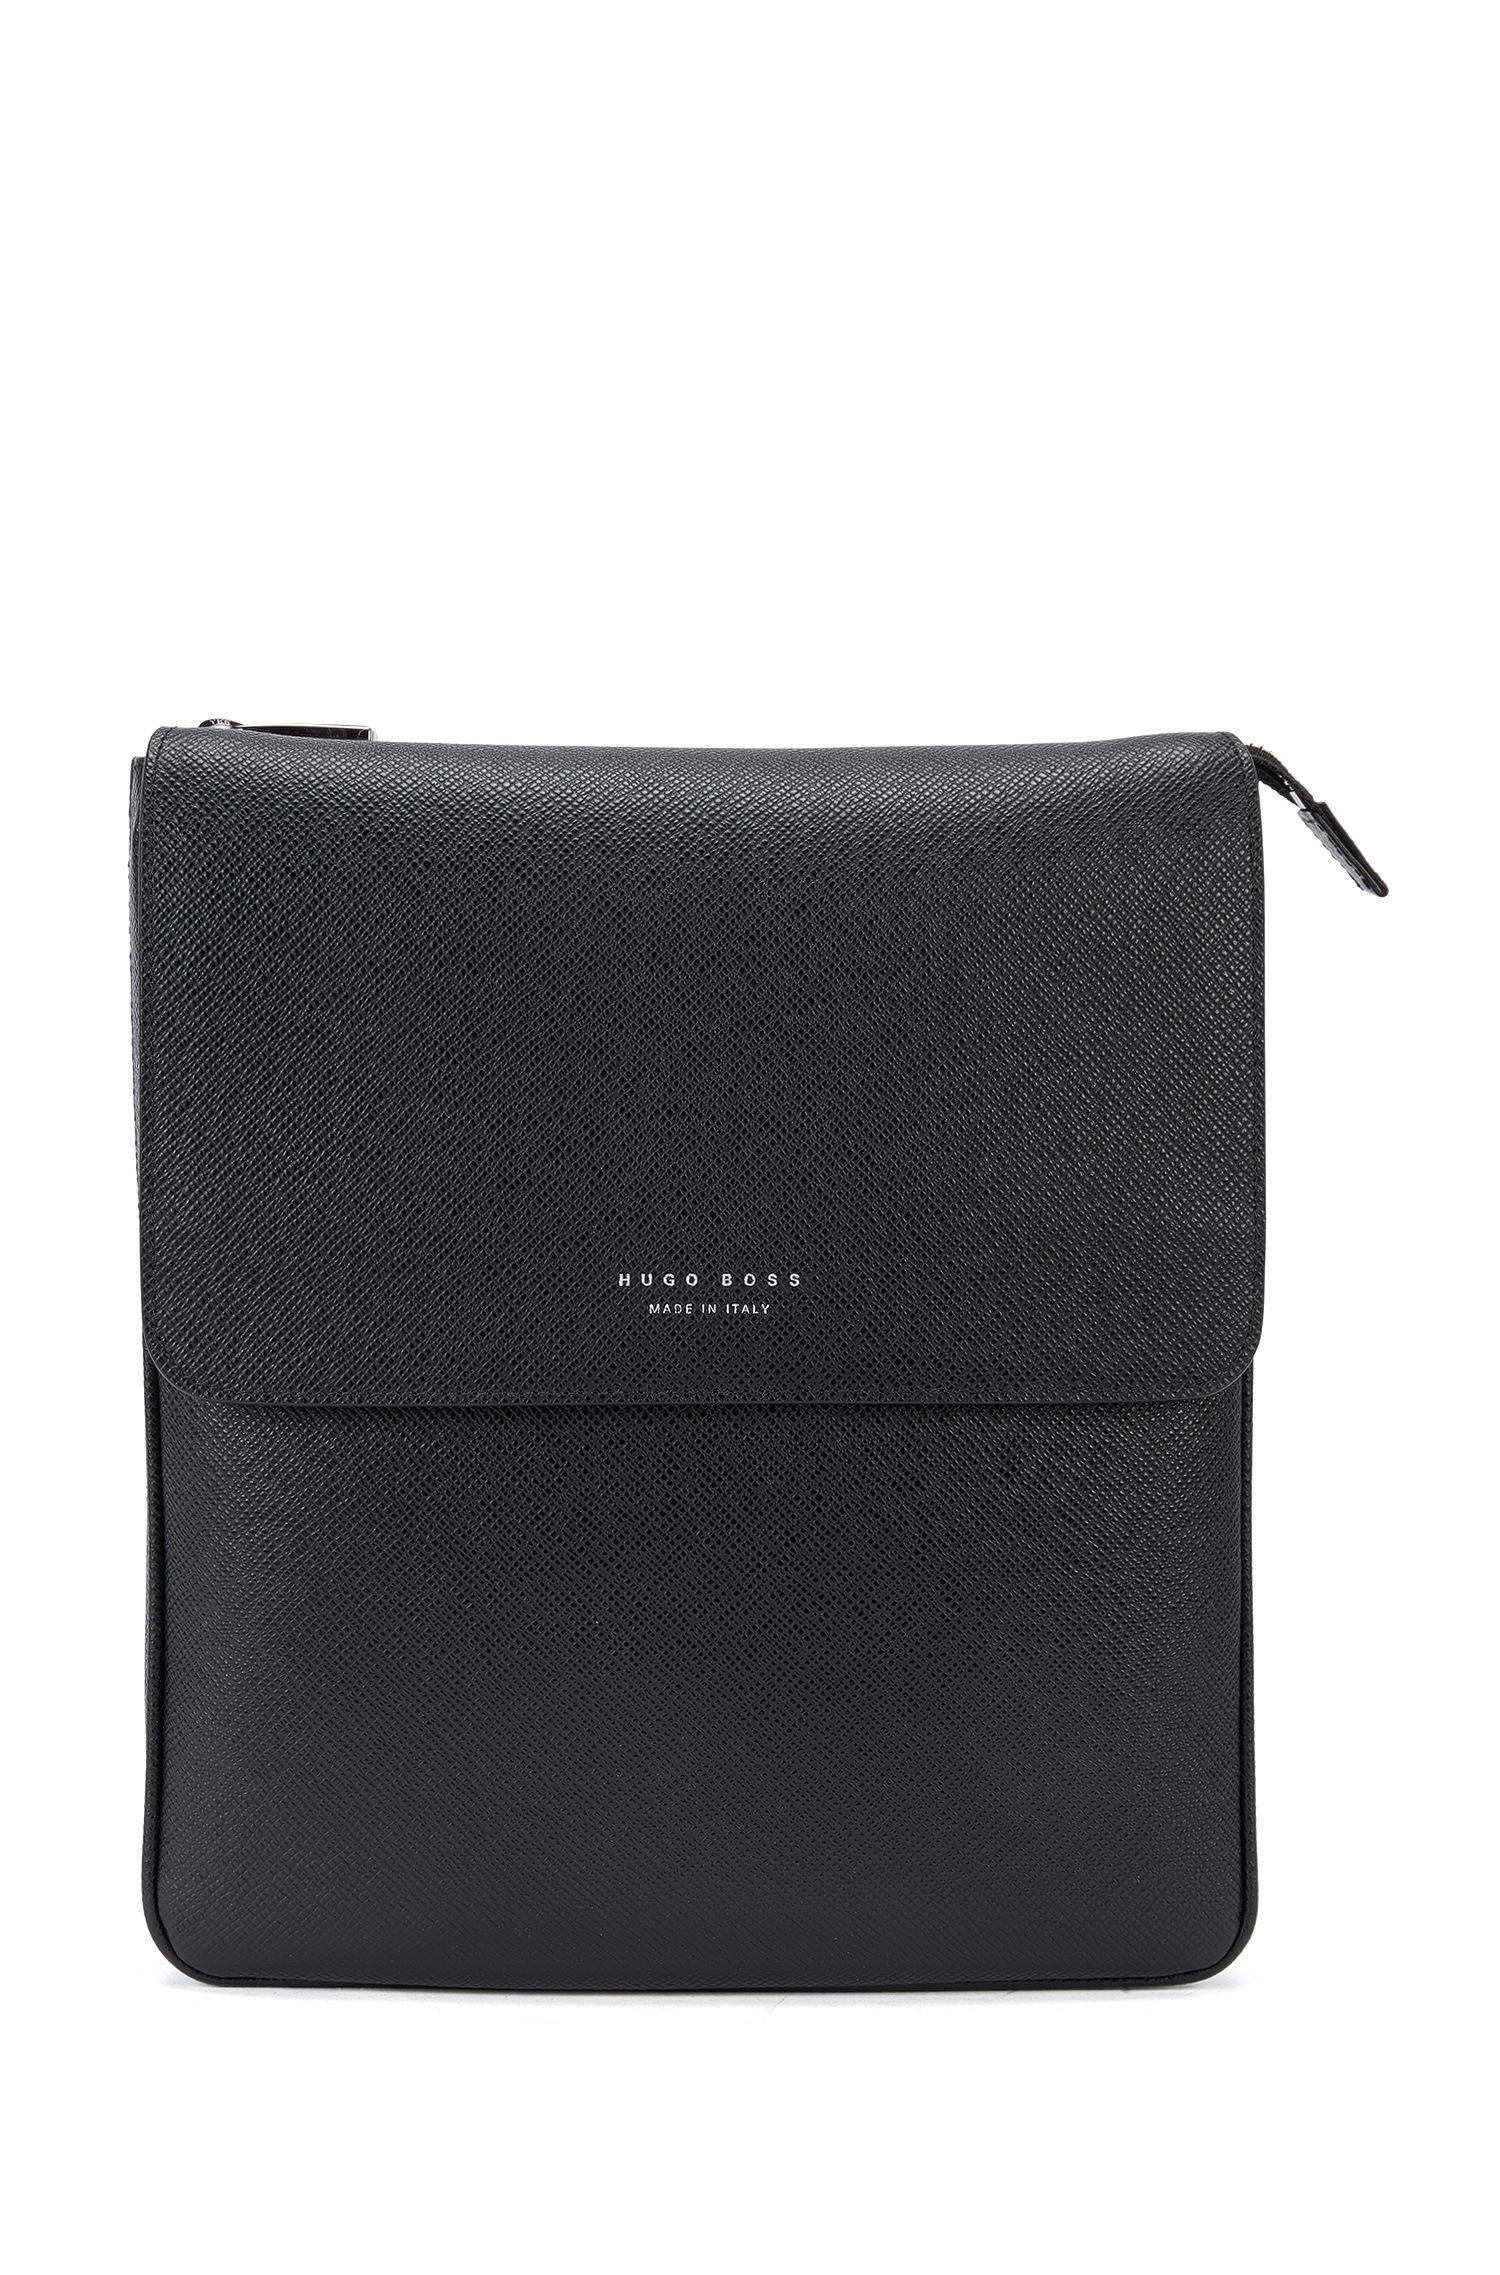 BOSS Signature Collection Reporter Bag In Palmellato Leather in ... b5373e0694461